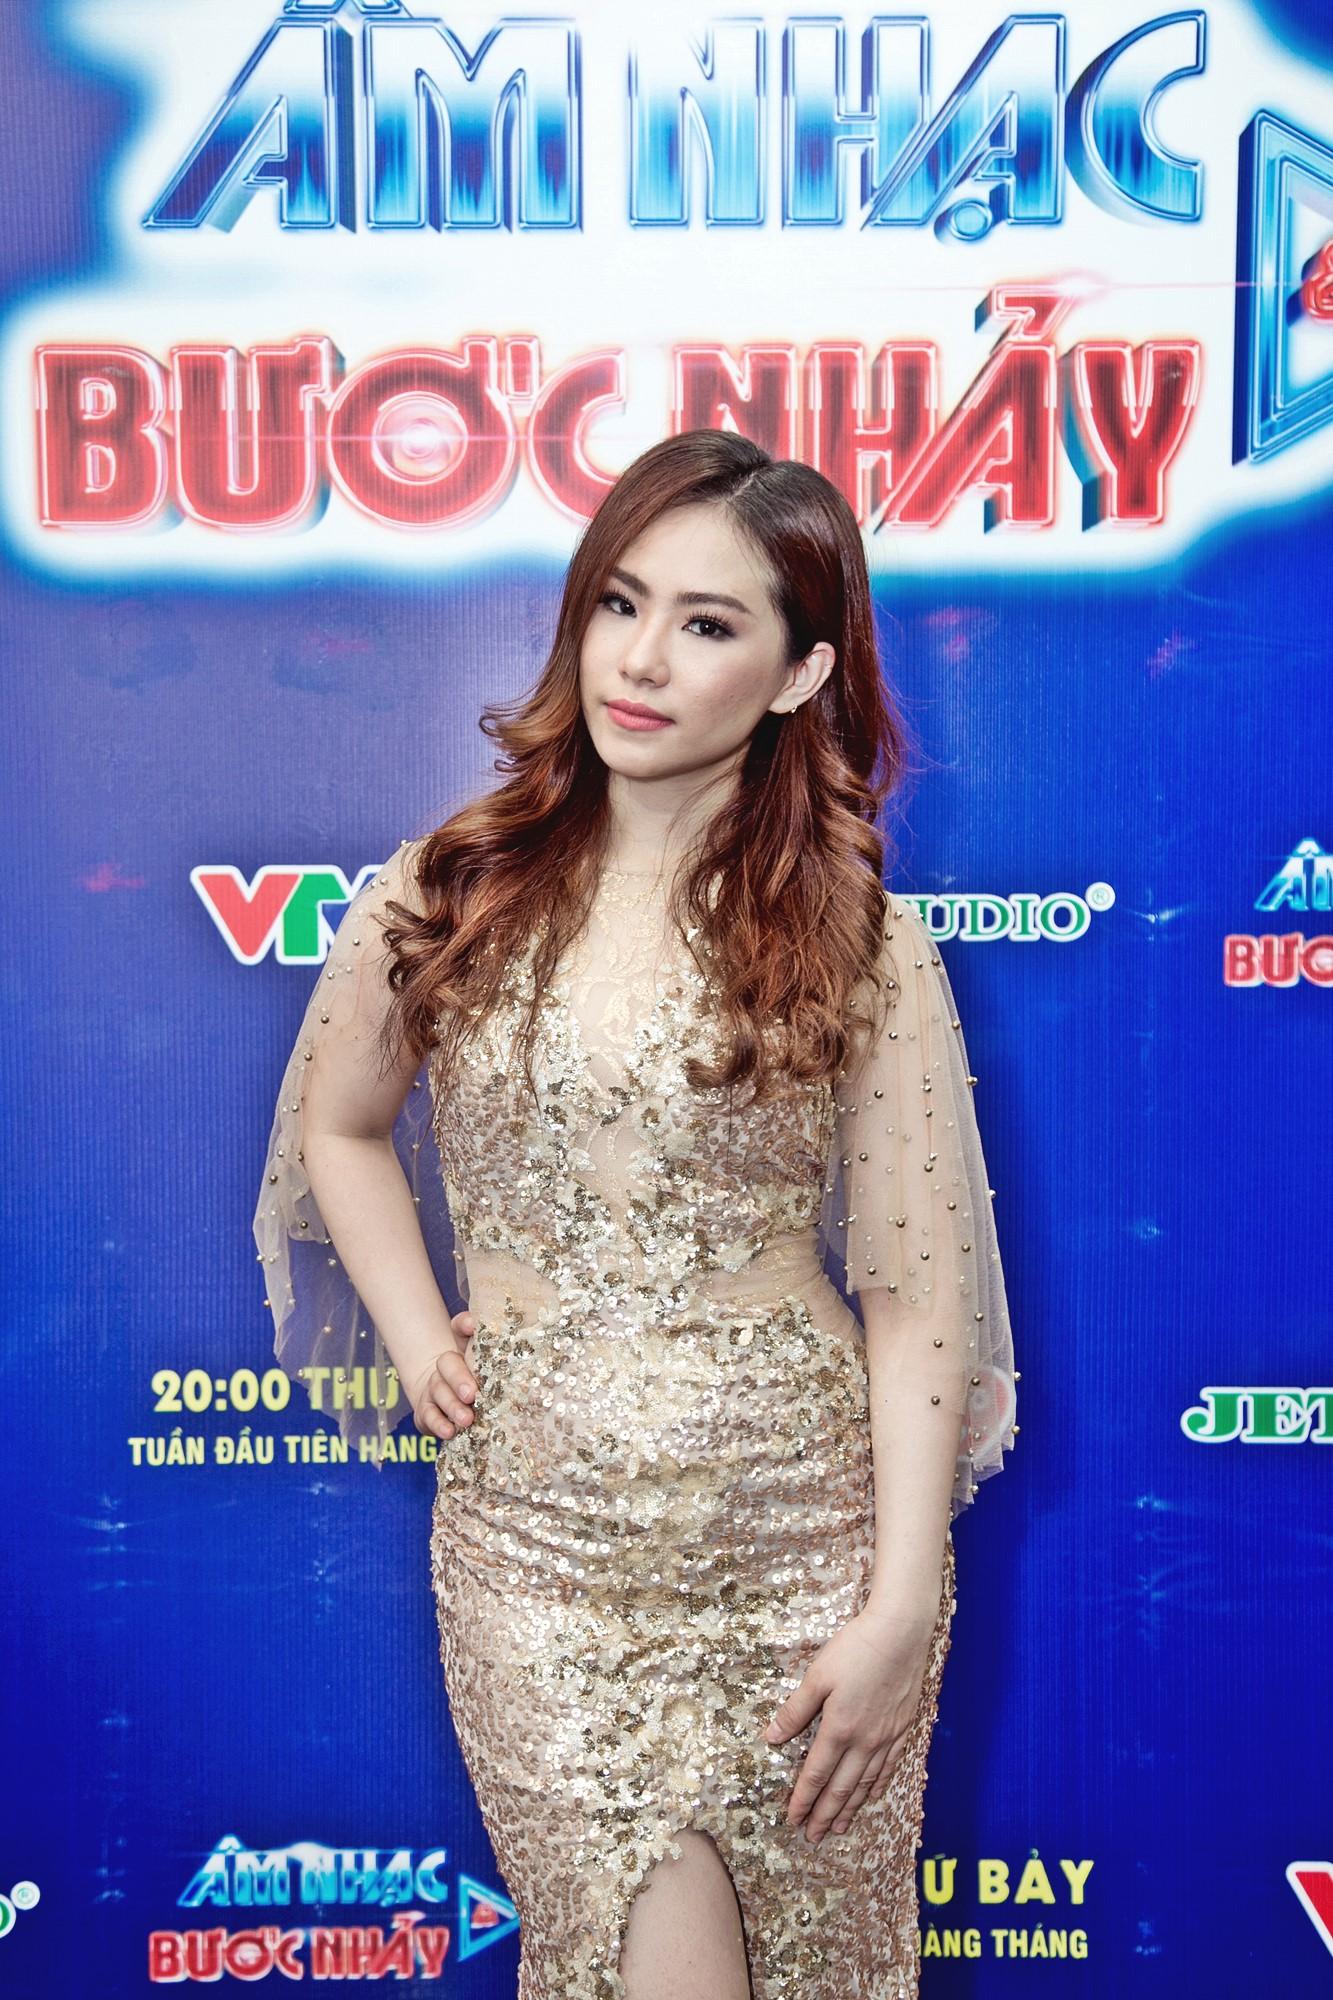 Luong Bich Huu (4)